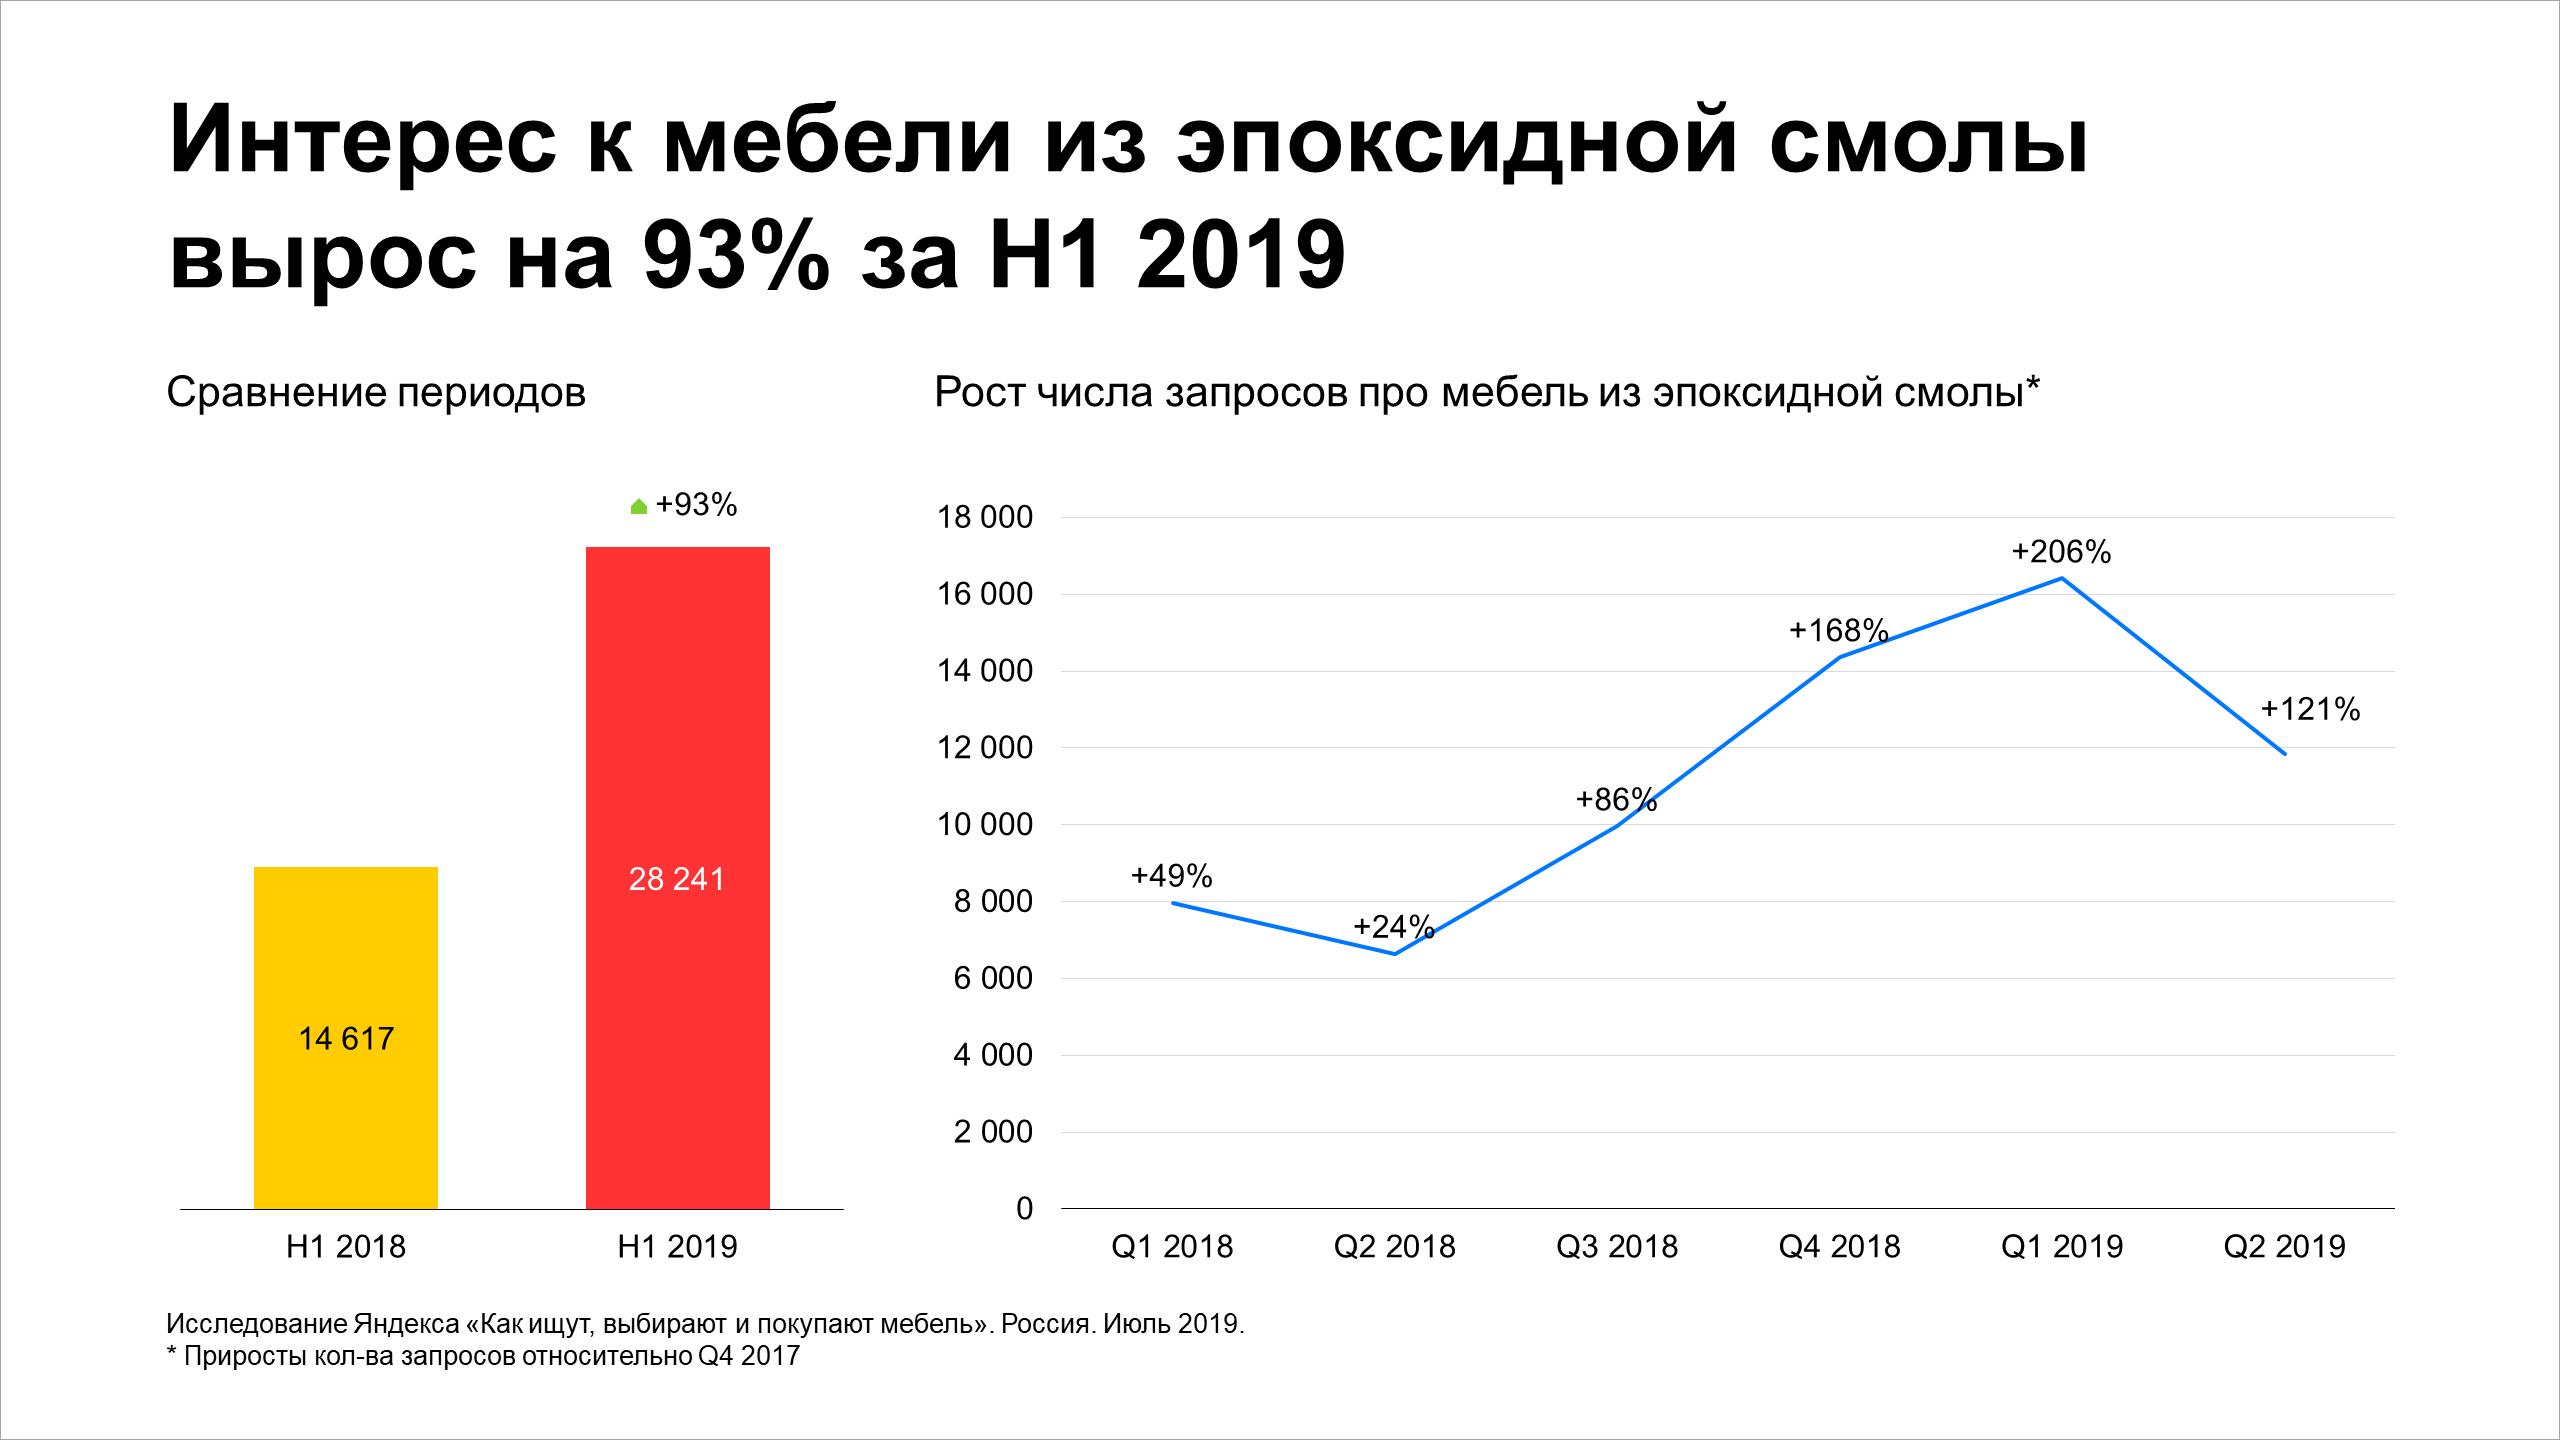 Интерес к мебели из эпоксидной смолы вырос на 93% за H1 2019